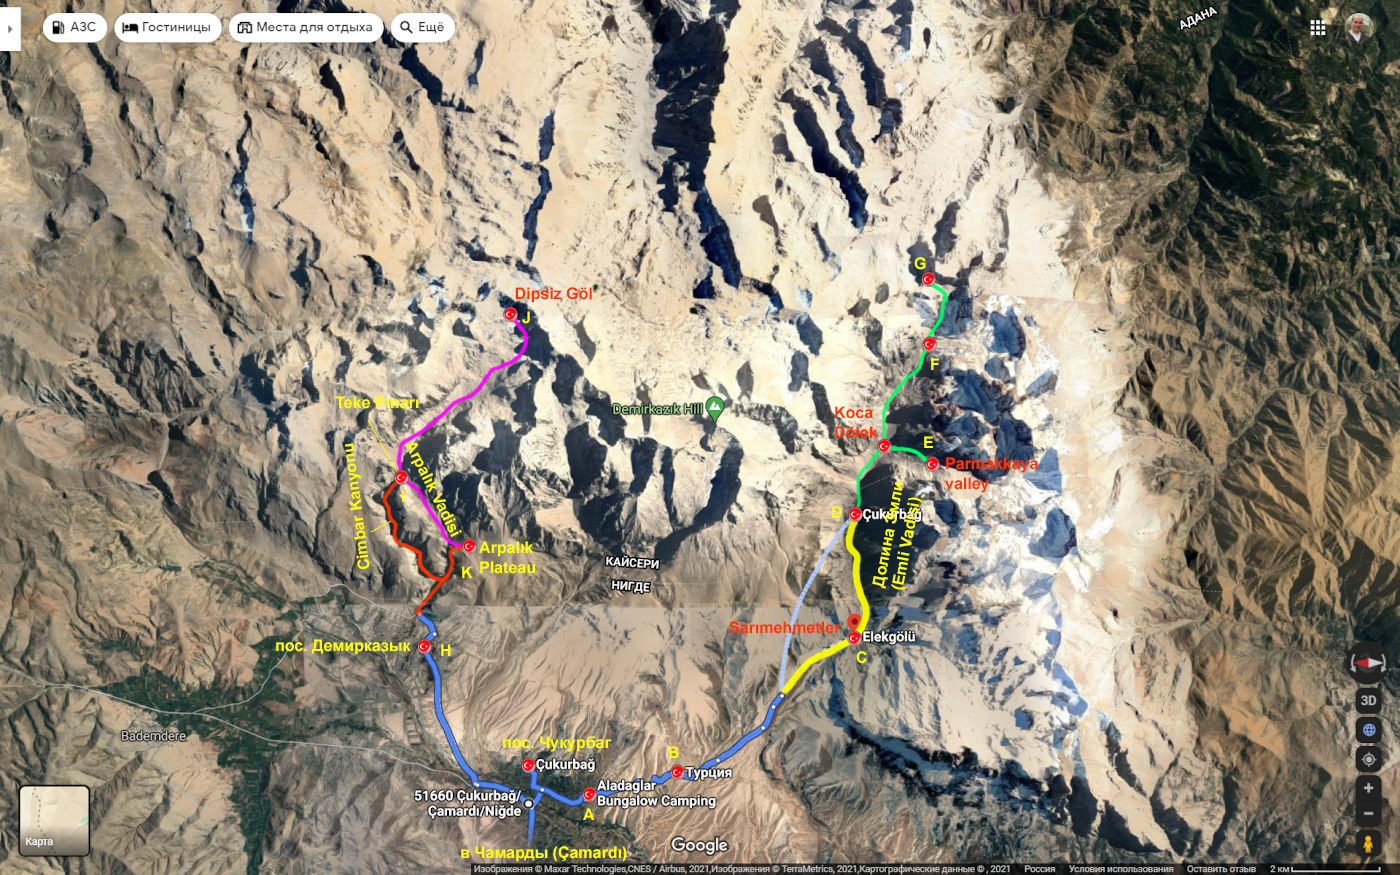 36. Карта со схемой маршрутов для пеших походов по горам Аладаглар одним днем. Сюда можно приехать отдыхать по пути из Анталии или Алании в Каппадокию.